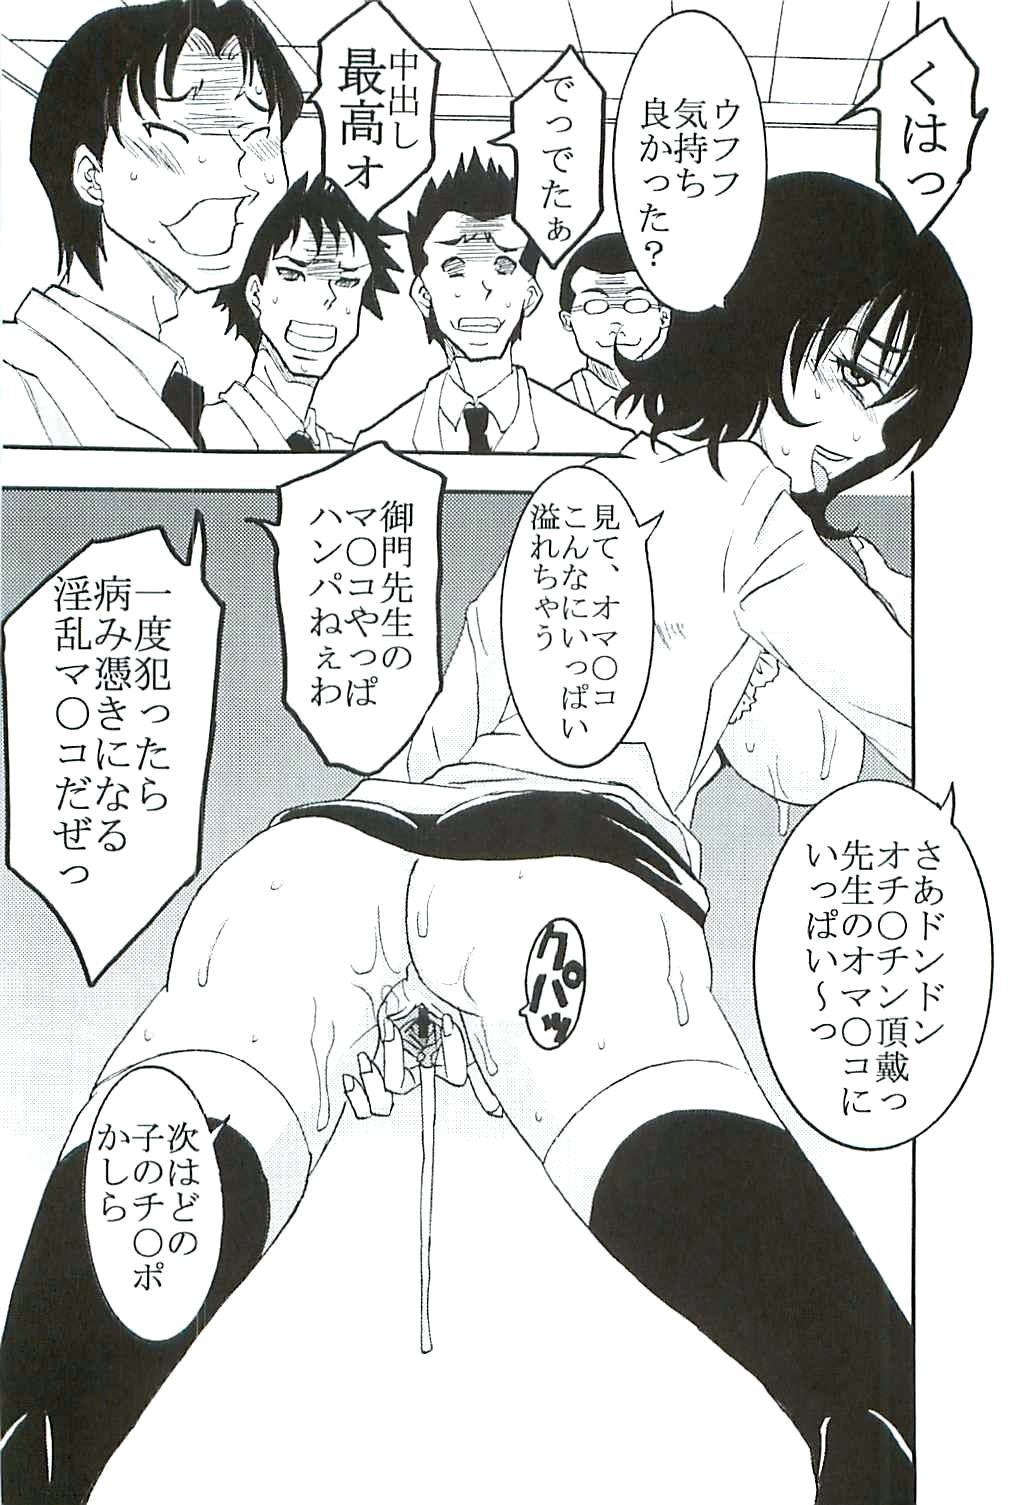 ToLOVE Ryu 5 44